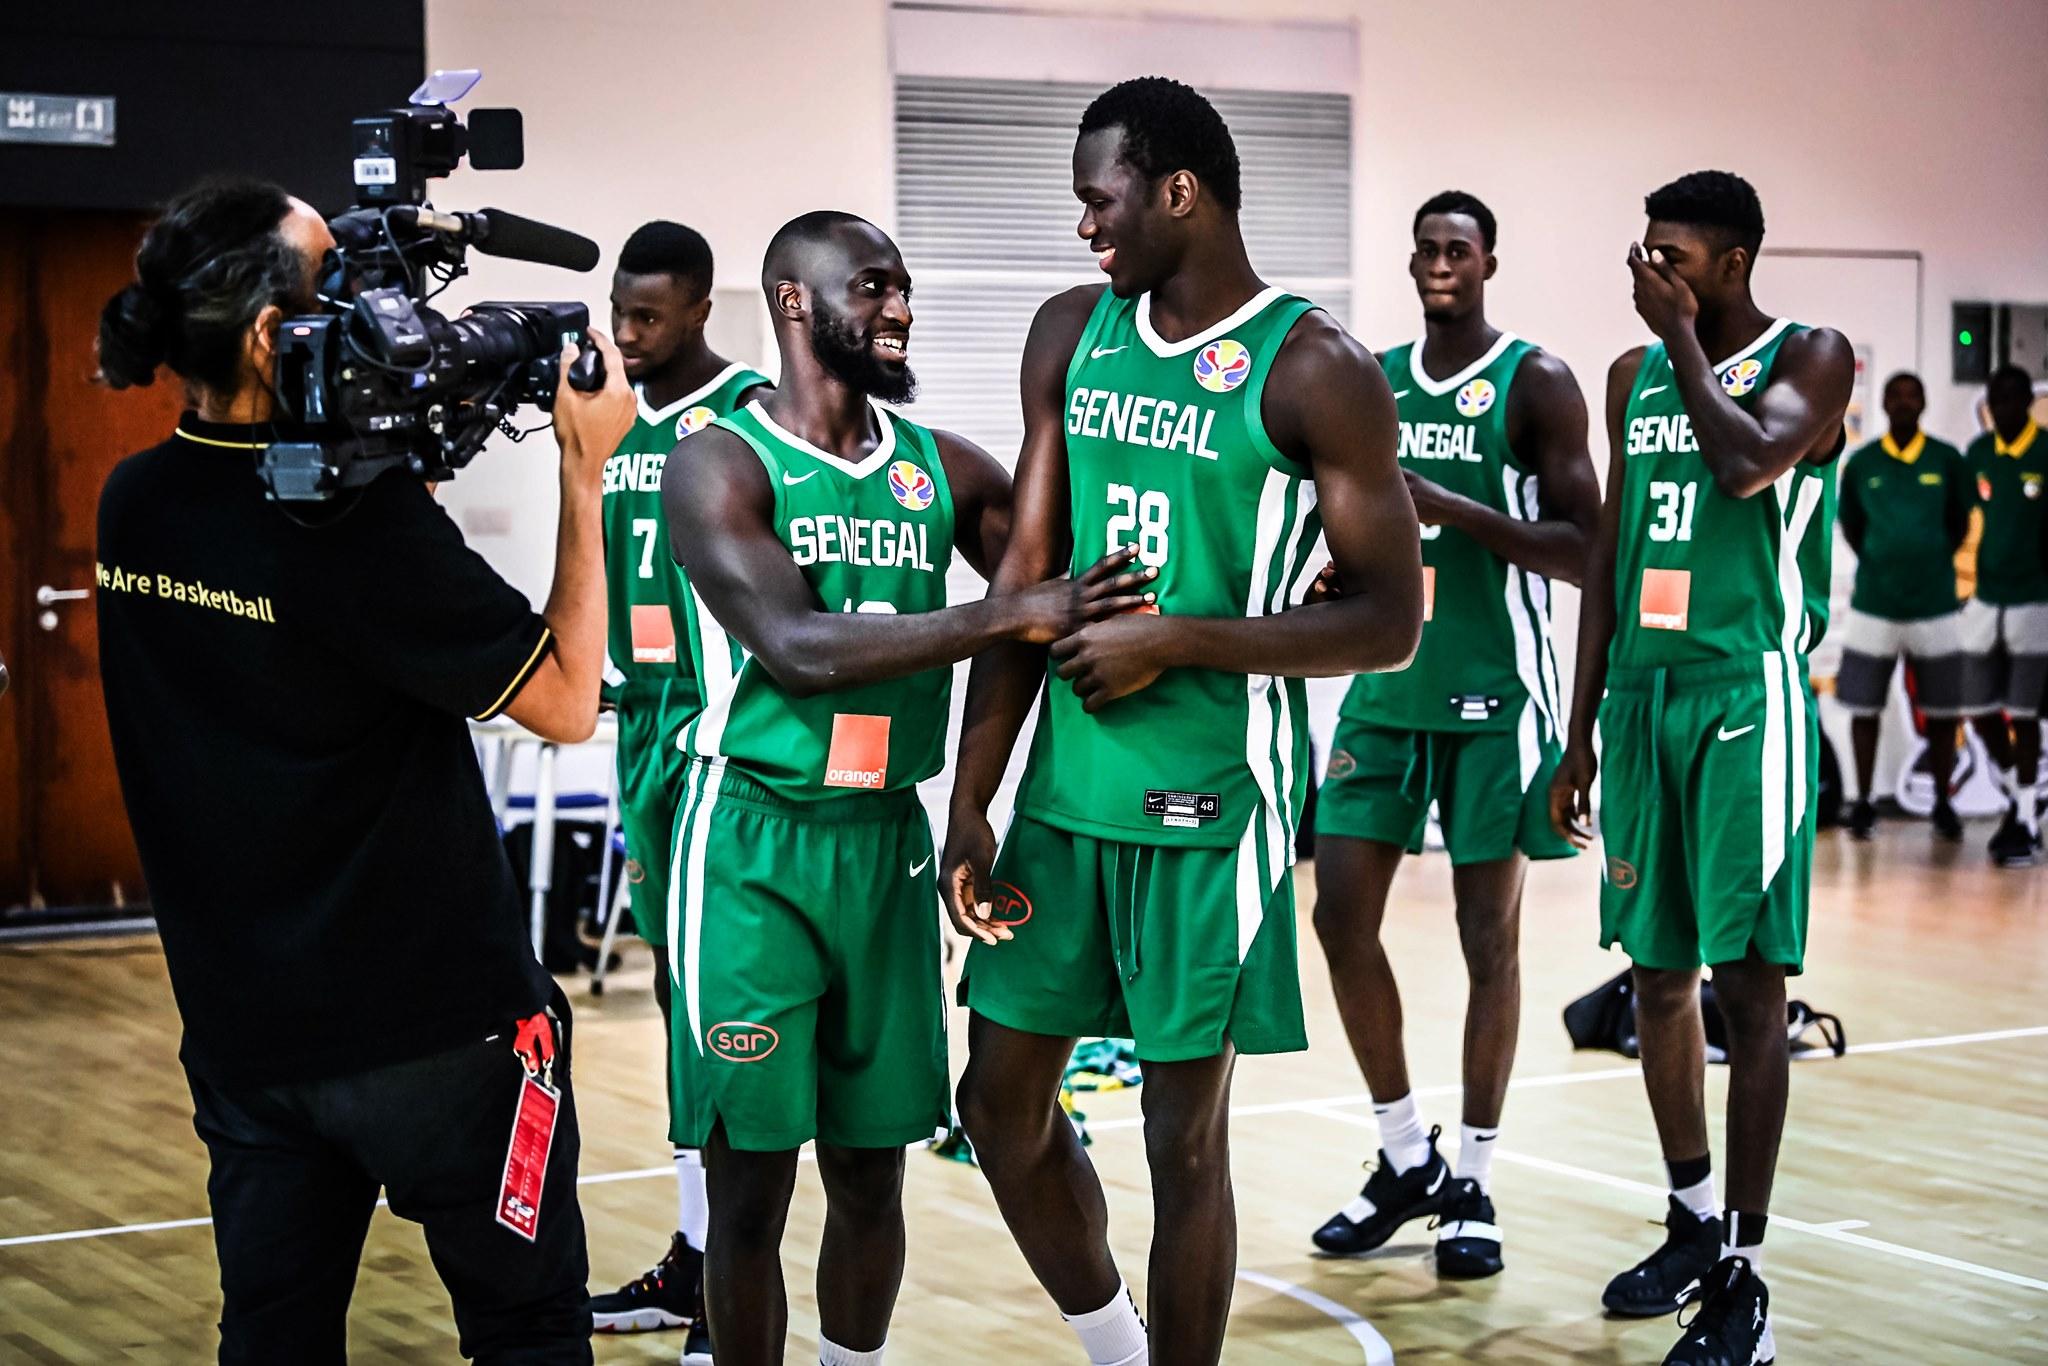 69745441 2559343490776067 7906978802742329344 o - Mondial 2019: Les lions du Basket en mode Shooting (08 Photos)